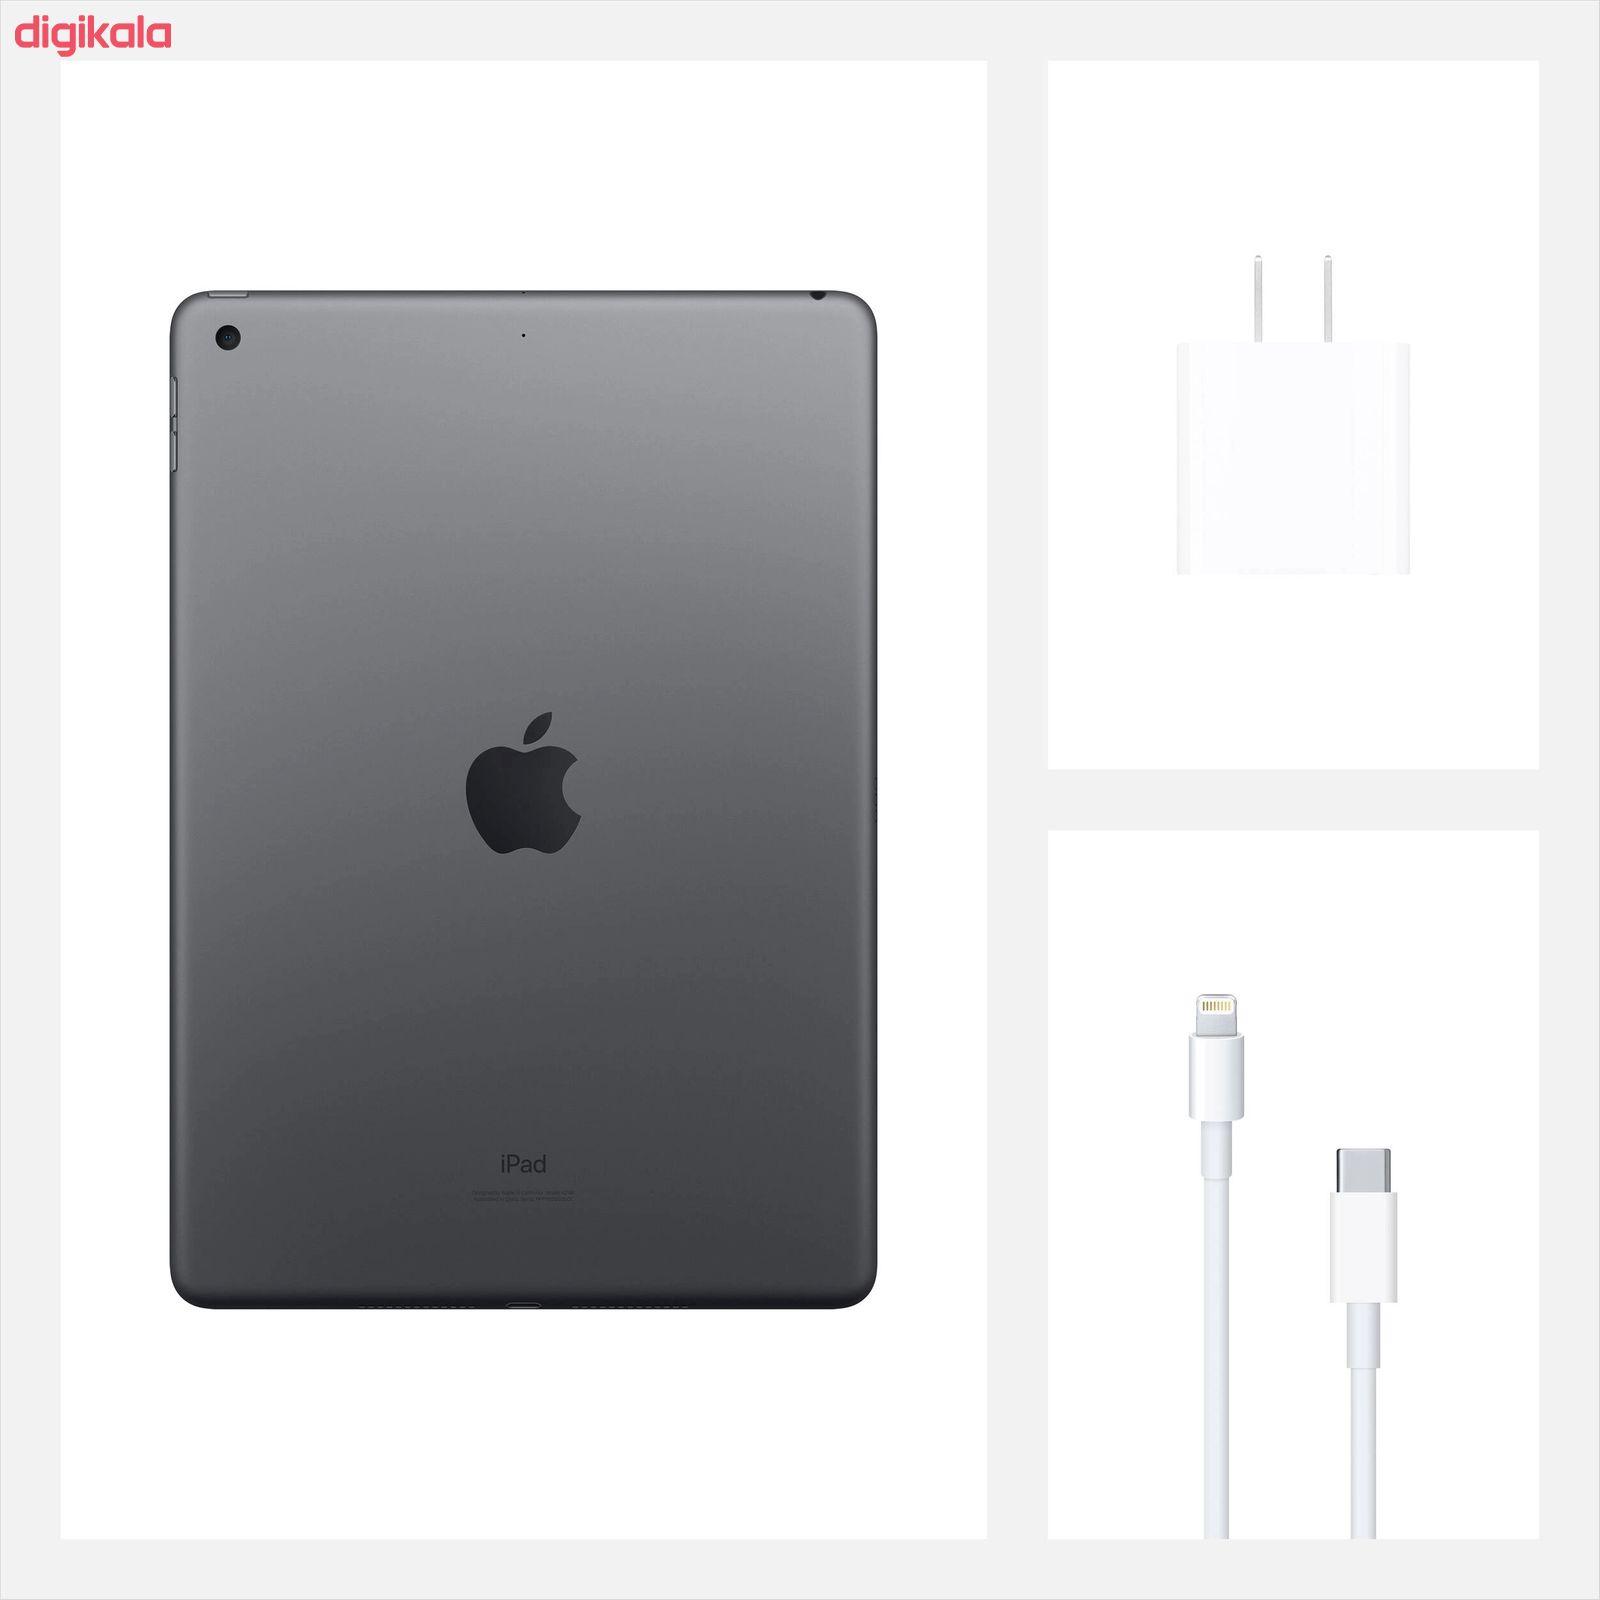 تبلت اپل مدل iPad 10.2 inch 2020 WiFi ظرفیت 128 گیگابایت  main 1 12